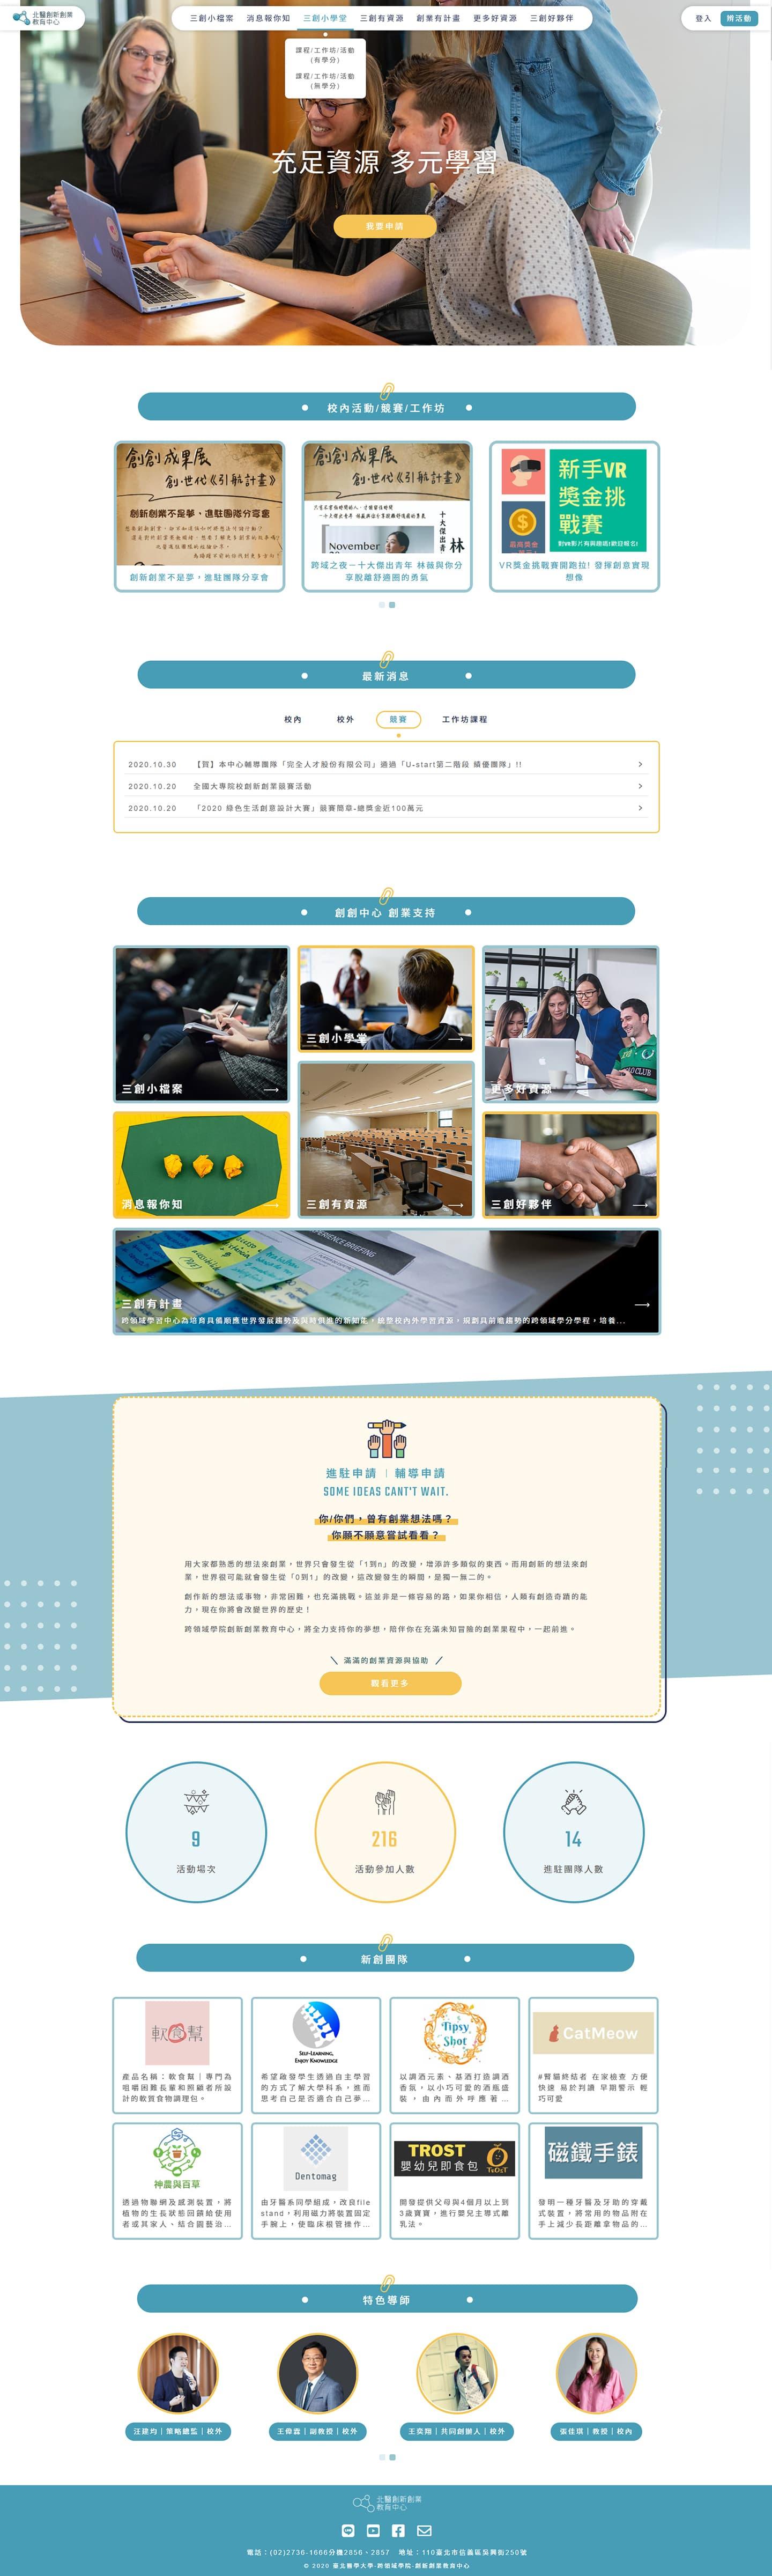 臺北醫學大學 創新創業輔導整合雲端平台首頁展示